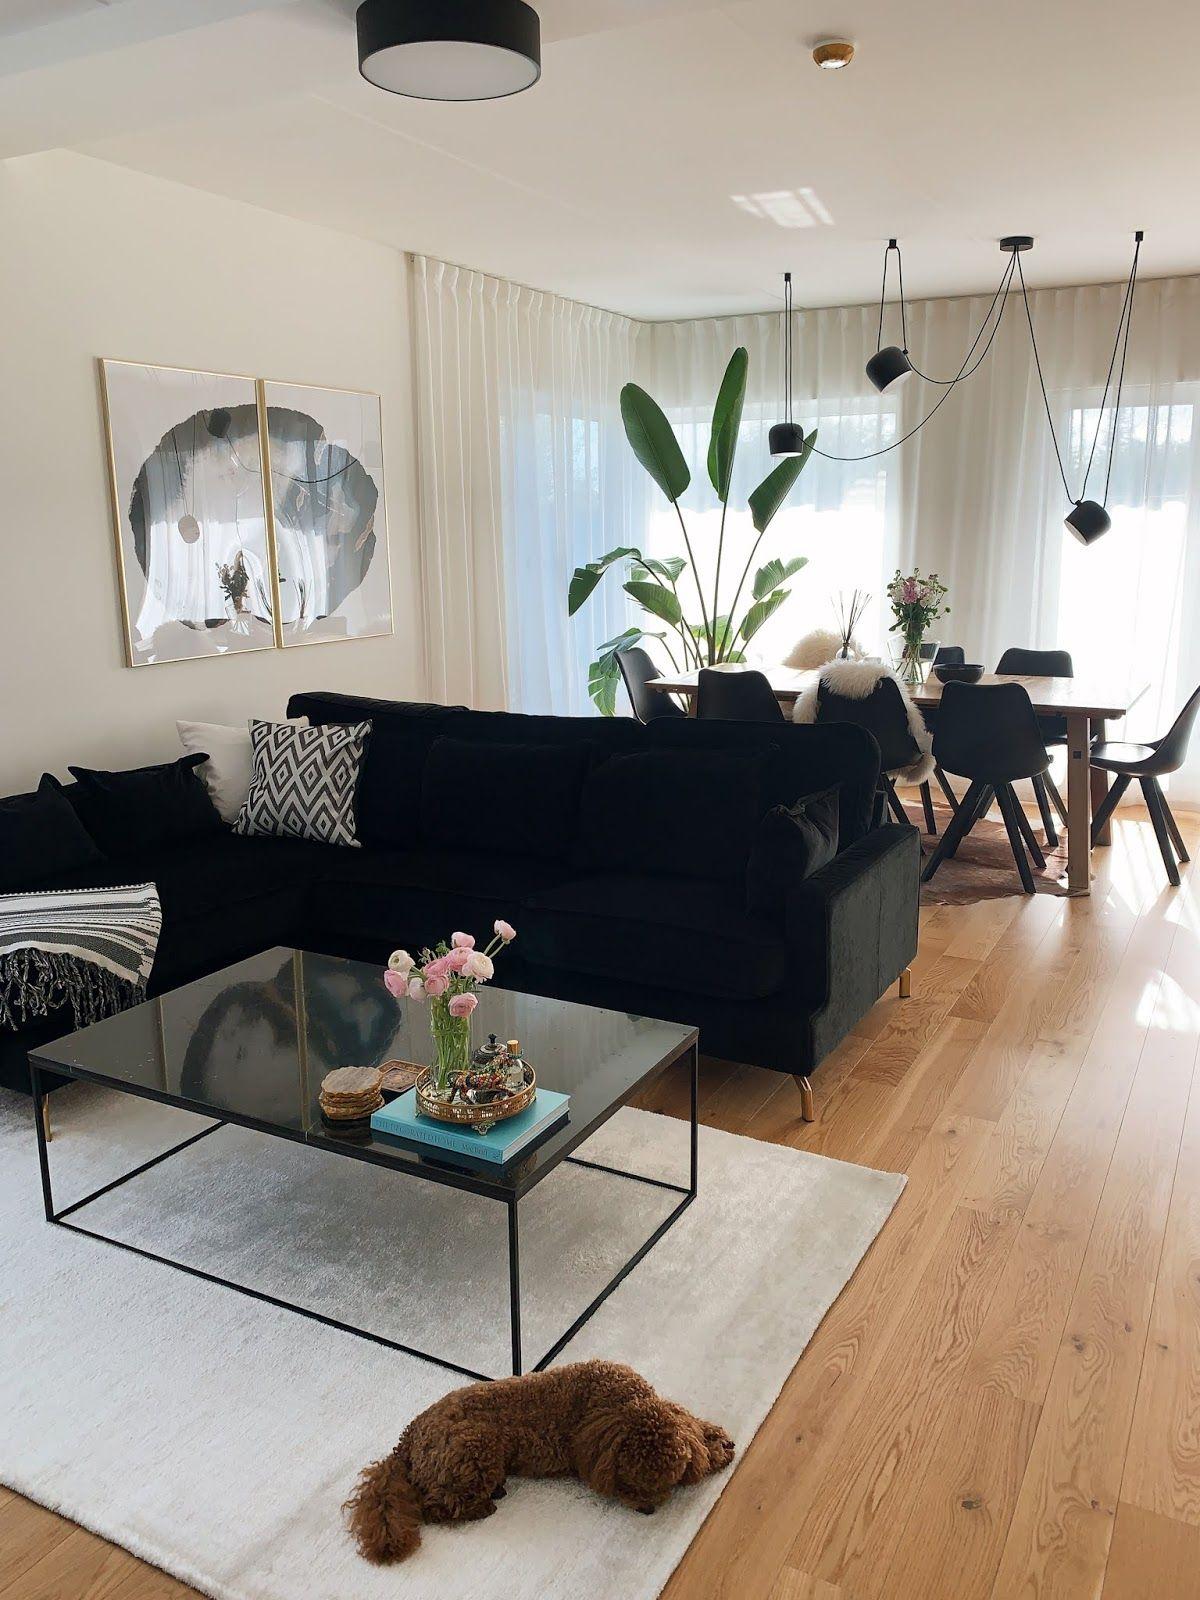 Black Sofa Living Room Decor Interior Design Pinterest Bellaxlovee Black Sofa Living Room Living Room Decor Apartment Black Sofa Living Room Decor